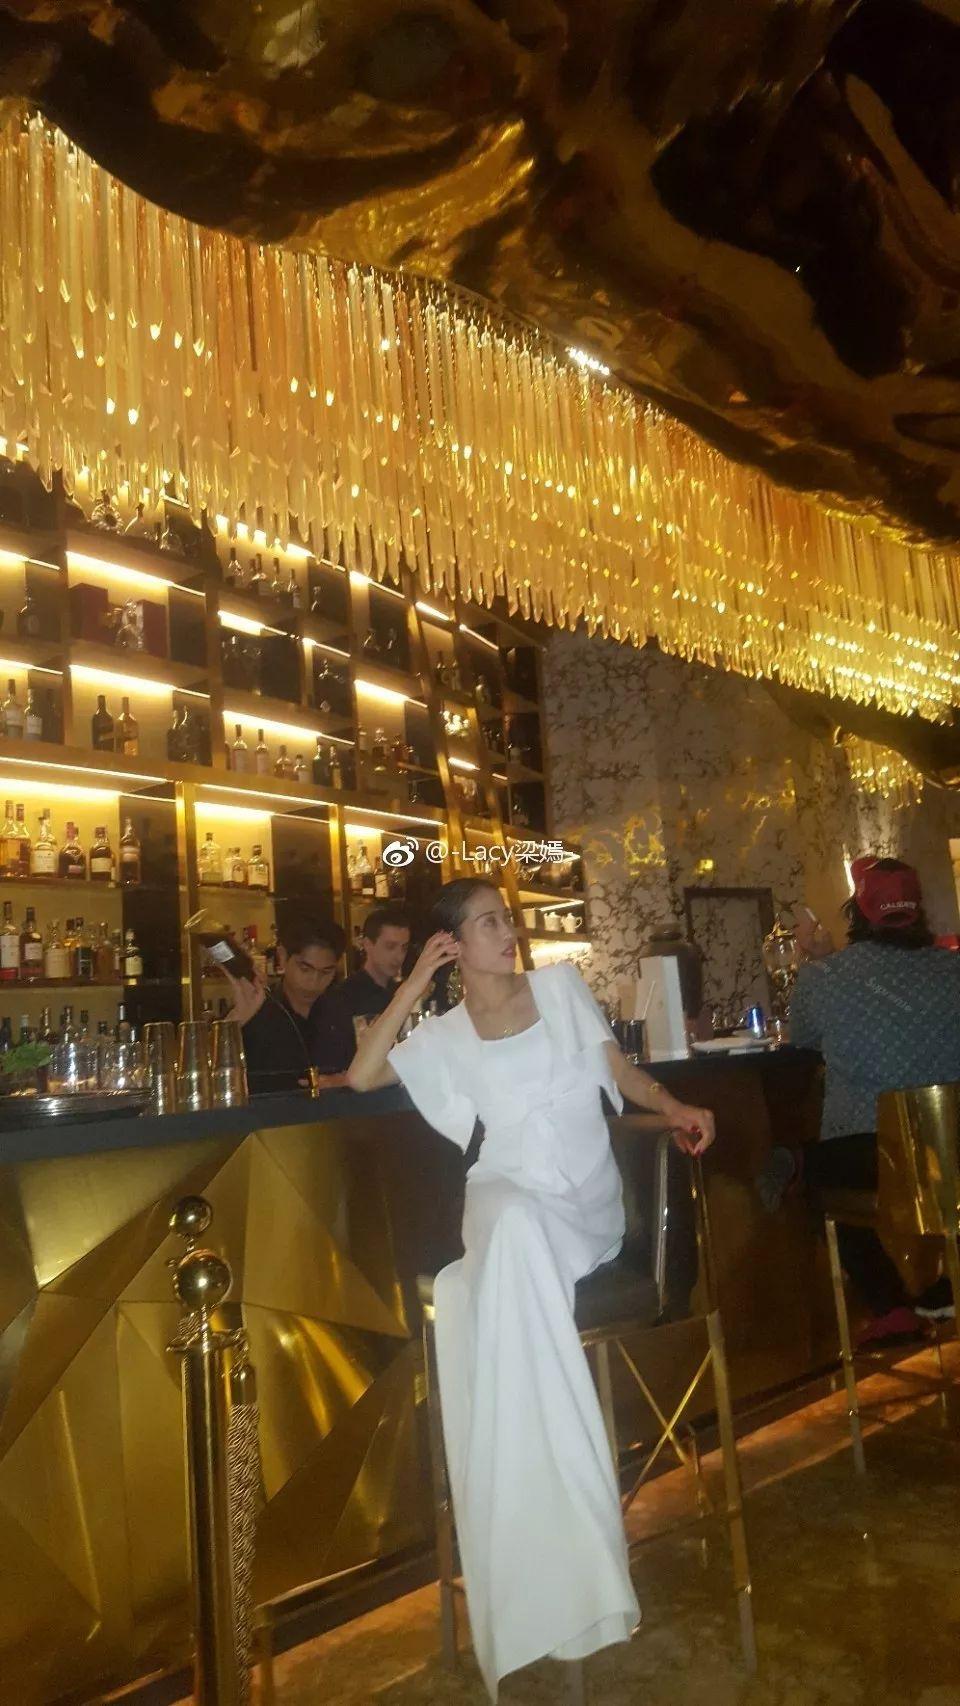 迪拜帆船酒店被爆歧视中国人,比希斯罗更恶劣